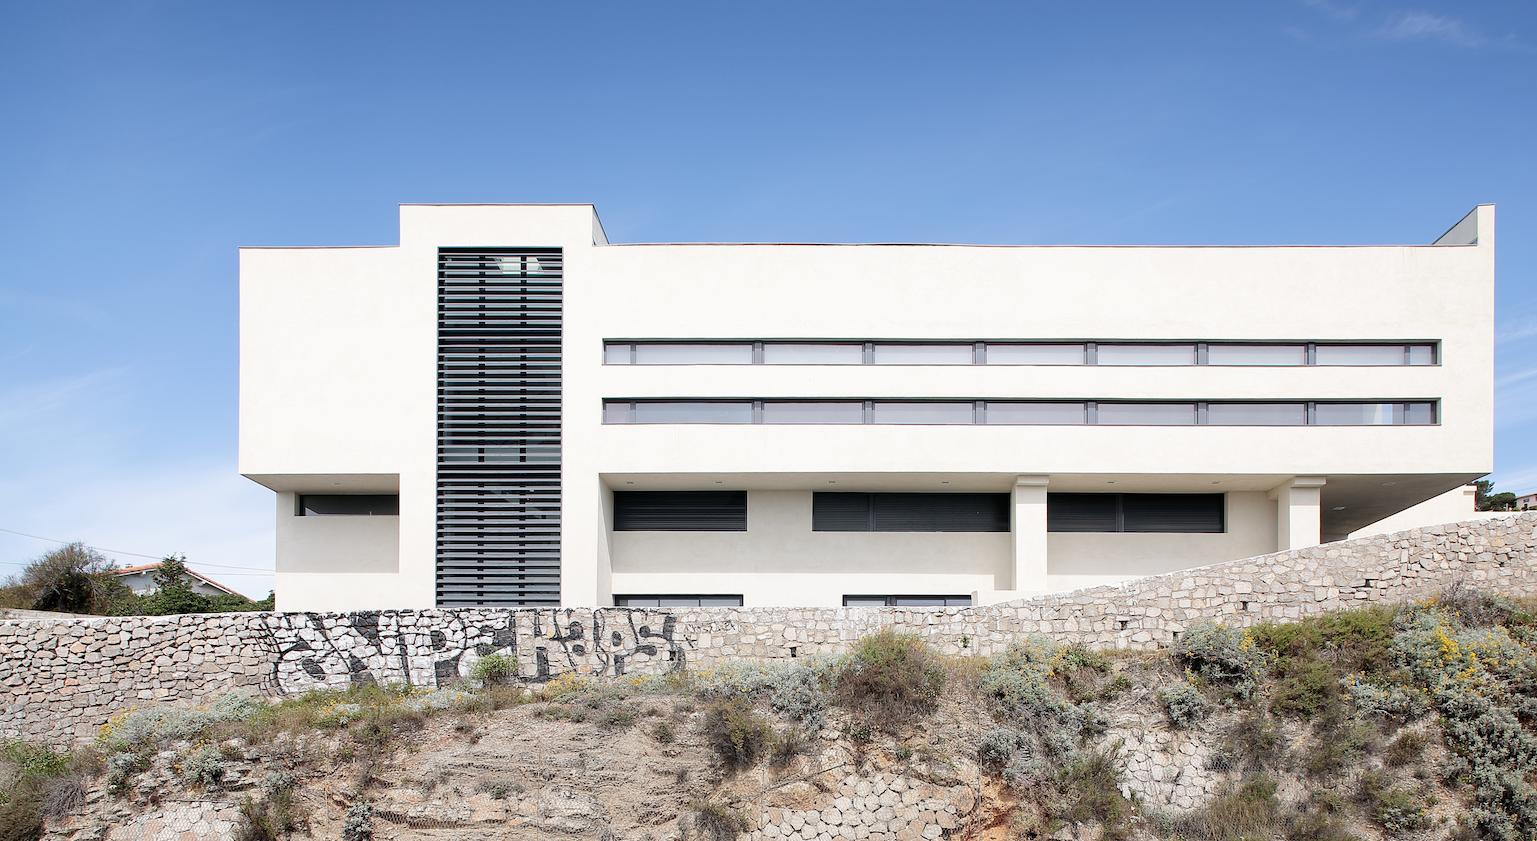 sète04 - Sète enfante son musée de la mer